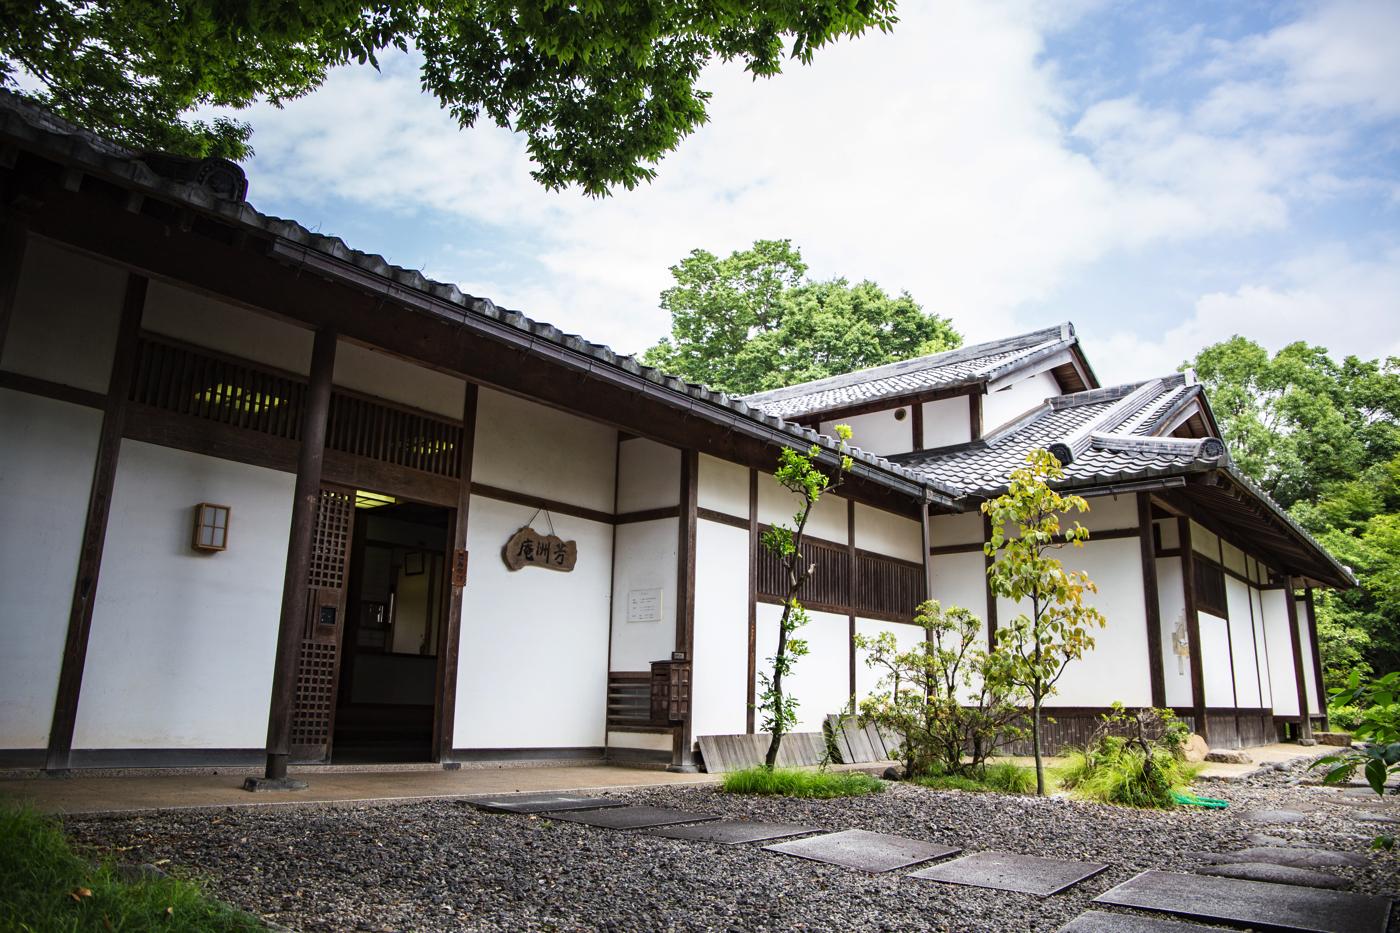 芳洲の生家跡とされる場所に建てられている雨森芳洲庵。芳洲関連の300点を超える貴重な資料が収蔵されています